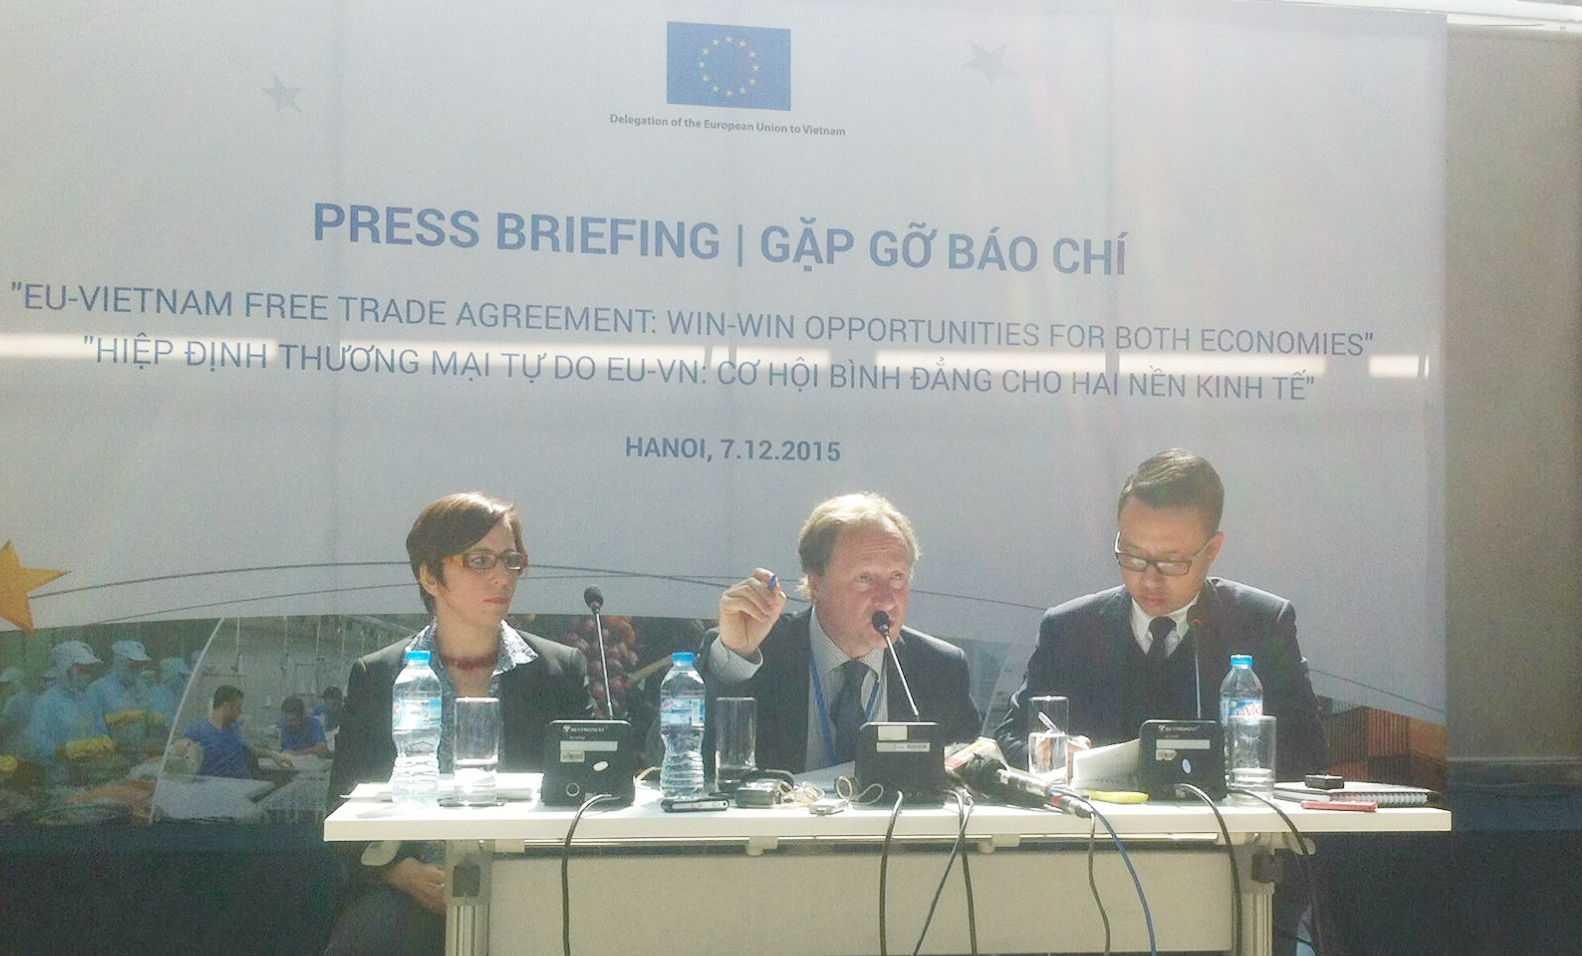 Phái đoàn EU tại Việt Nam cung cấp thông tin cho báo chí.